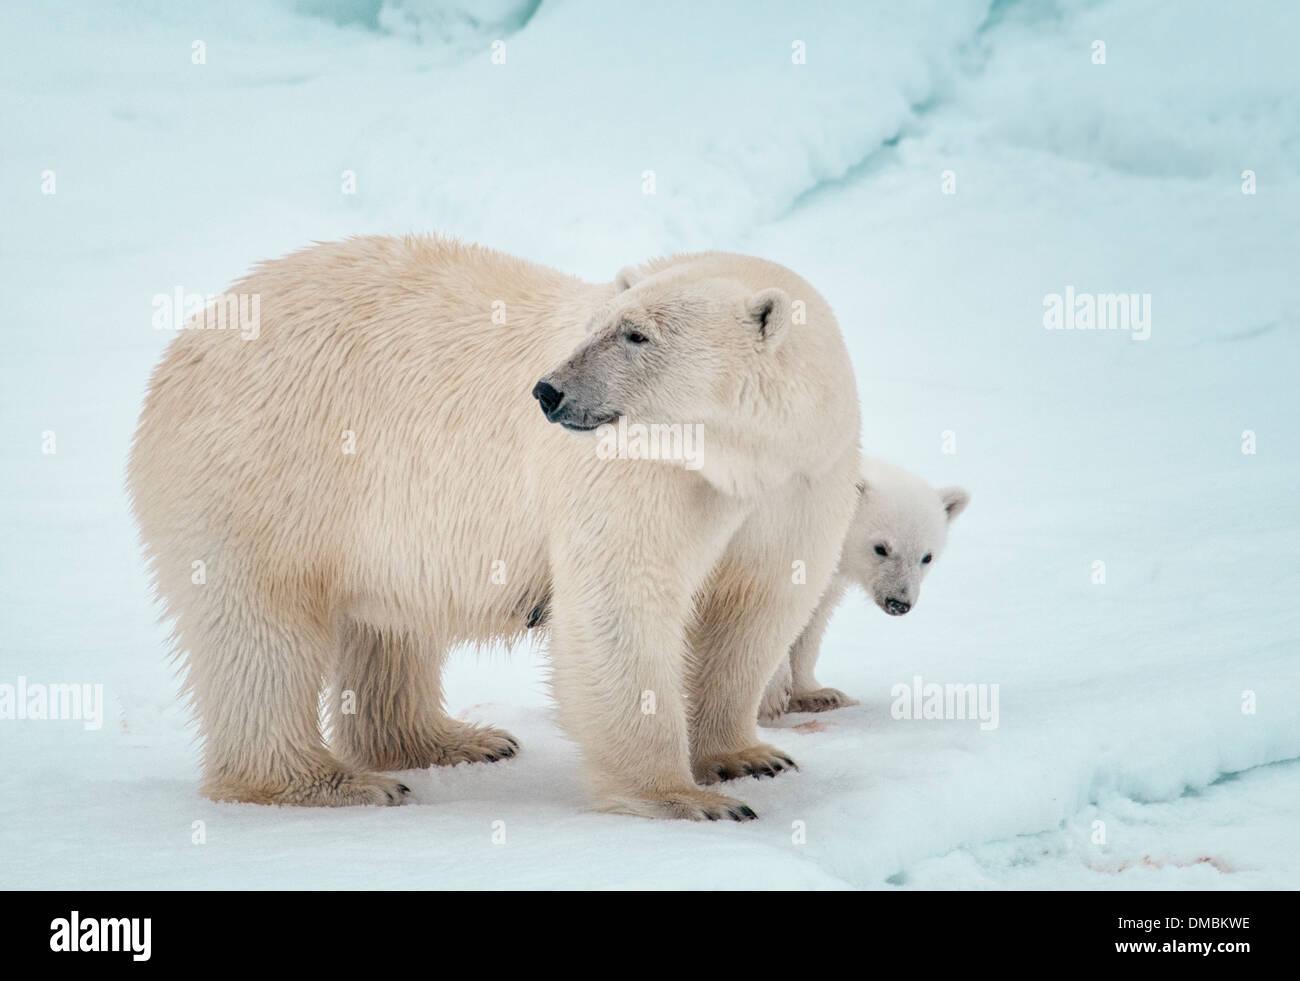 Eisbär-Mutter mit Jungtier versteckt sich hinter ihr, Ursus Maritimus, Olgastretet Packeis, Spitzbergen, Svalbard-Archipel, Norwegen Stockbild